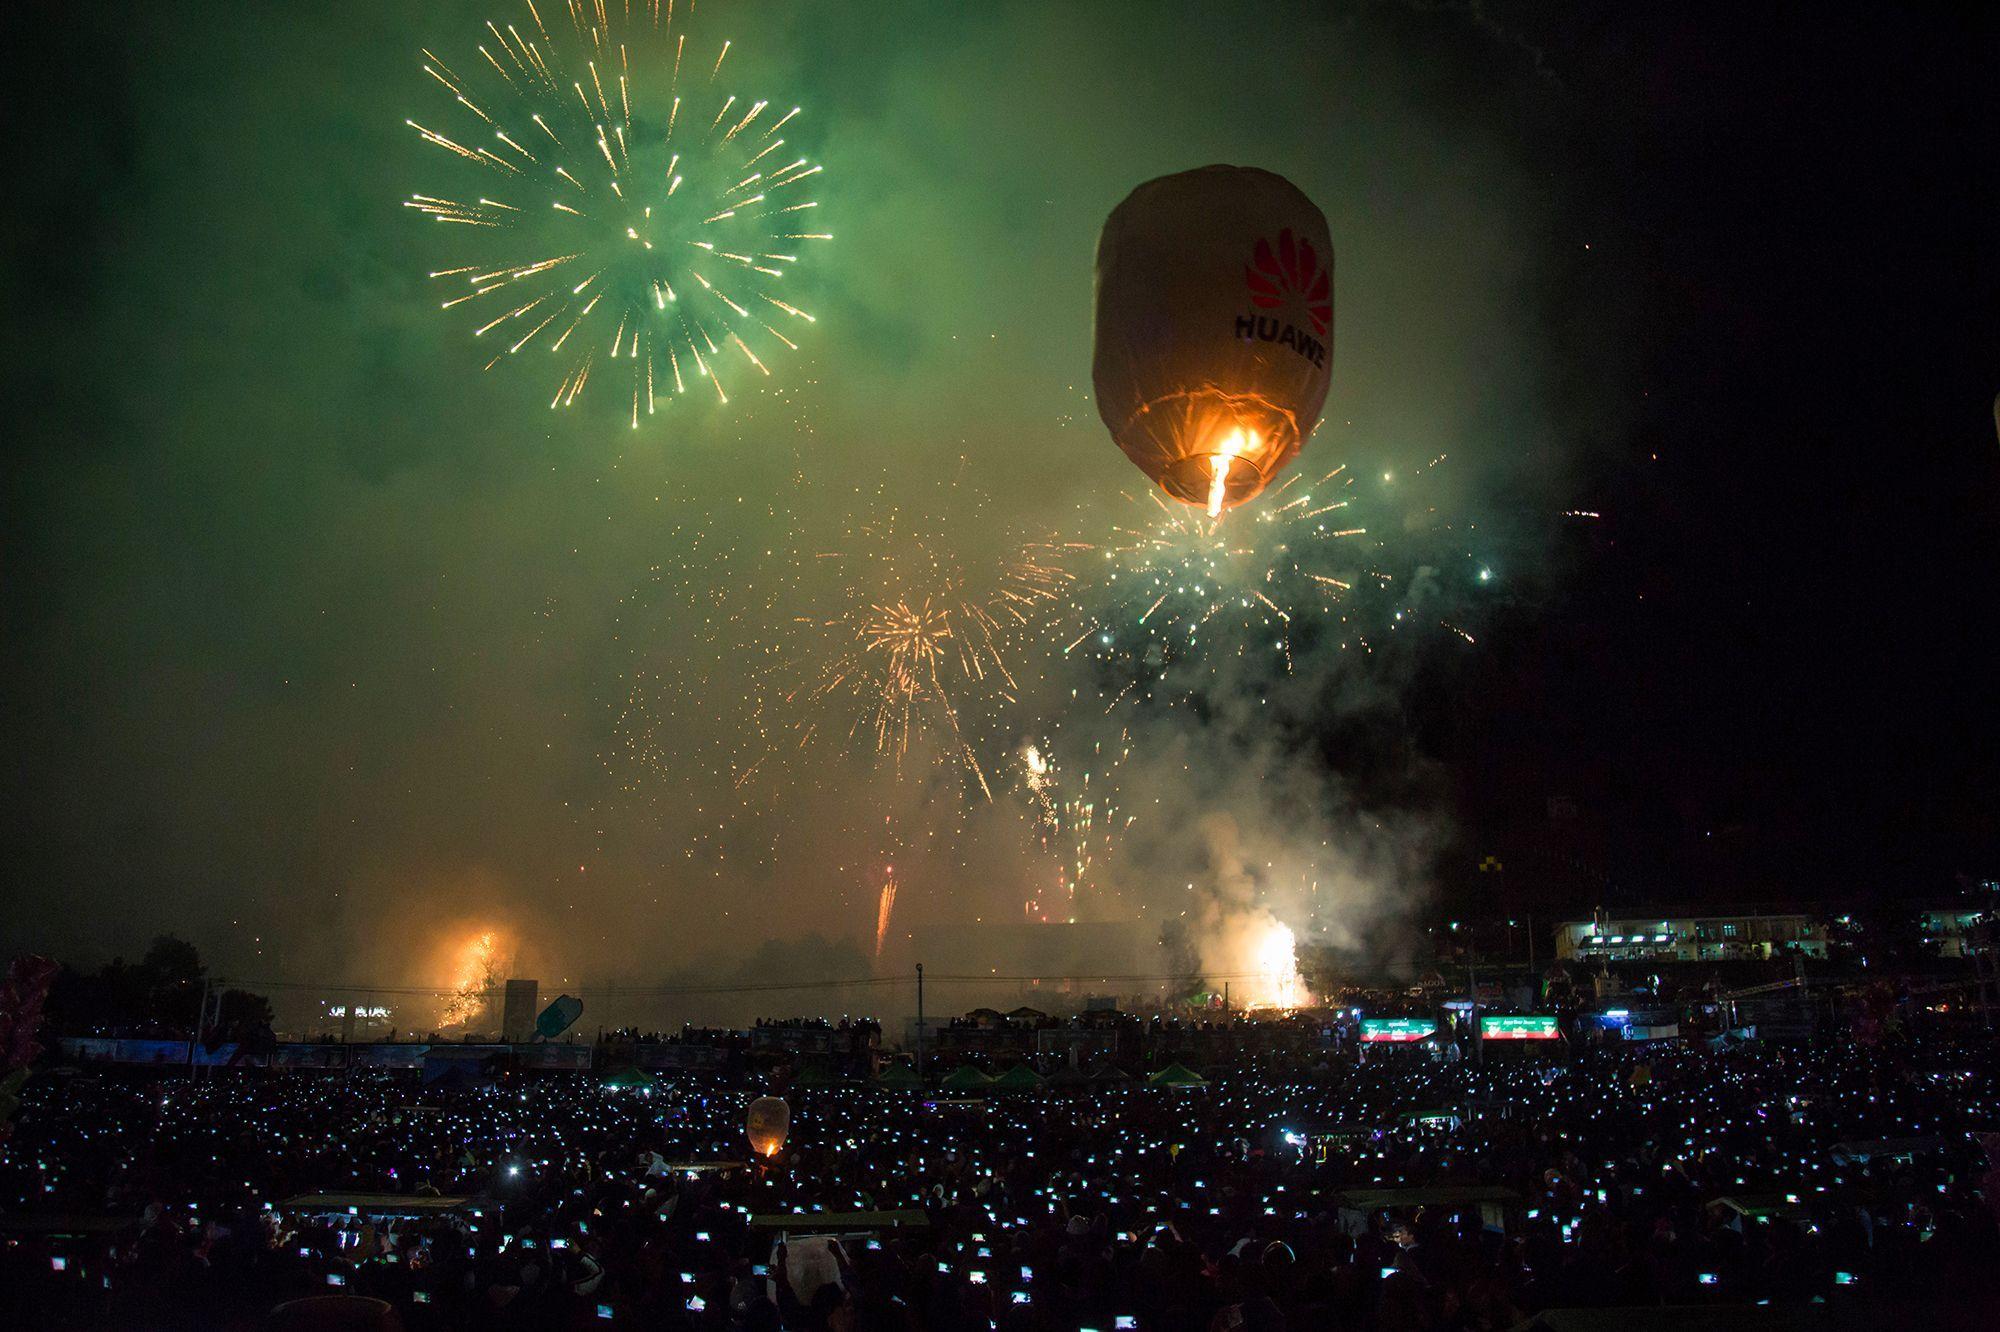 Les images spectaculaires du Festival des ballons de feu en Birmanie